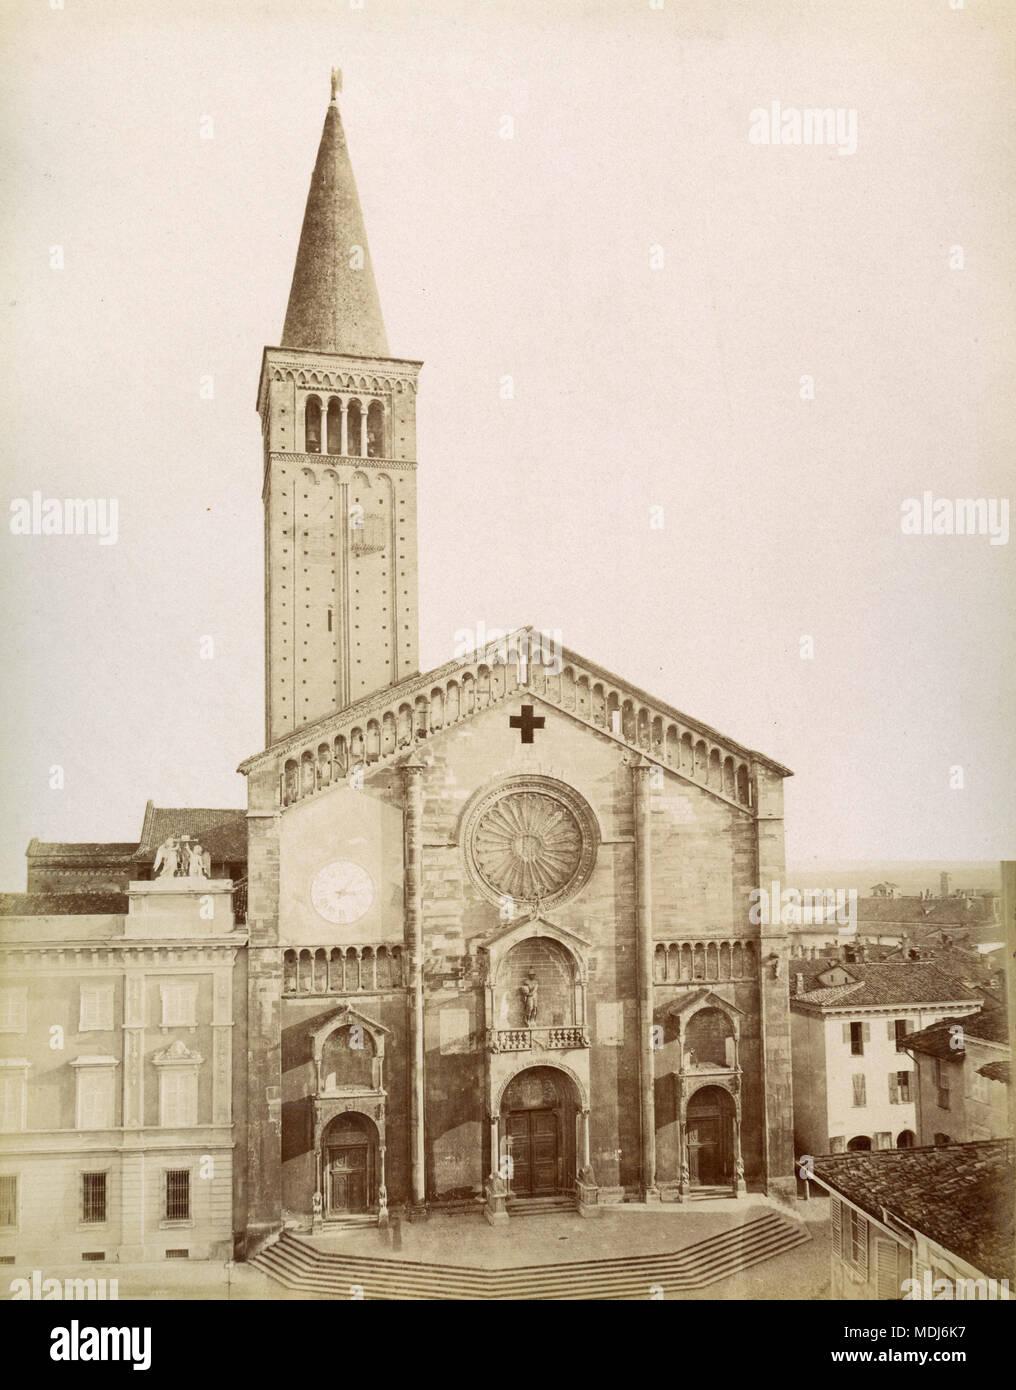 La cattedrale, Piacenza, Italia 1880 Immagini Stock